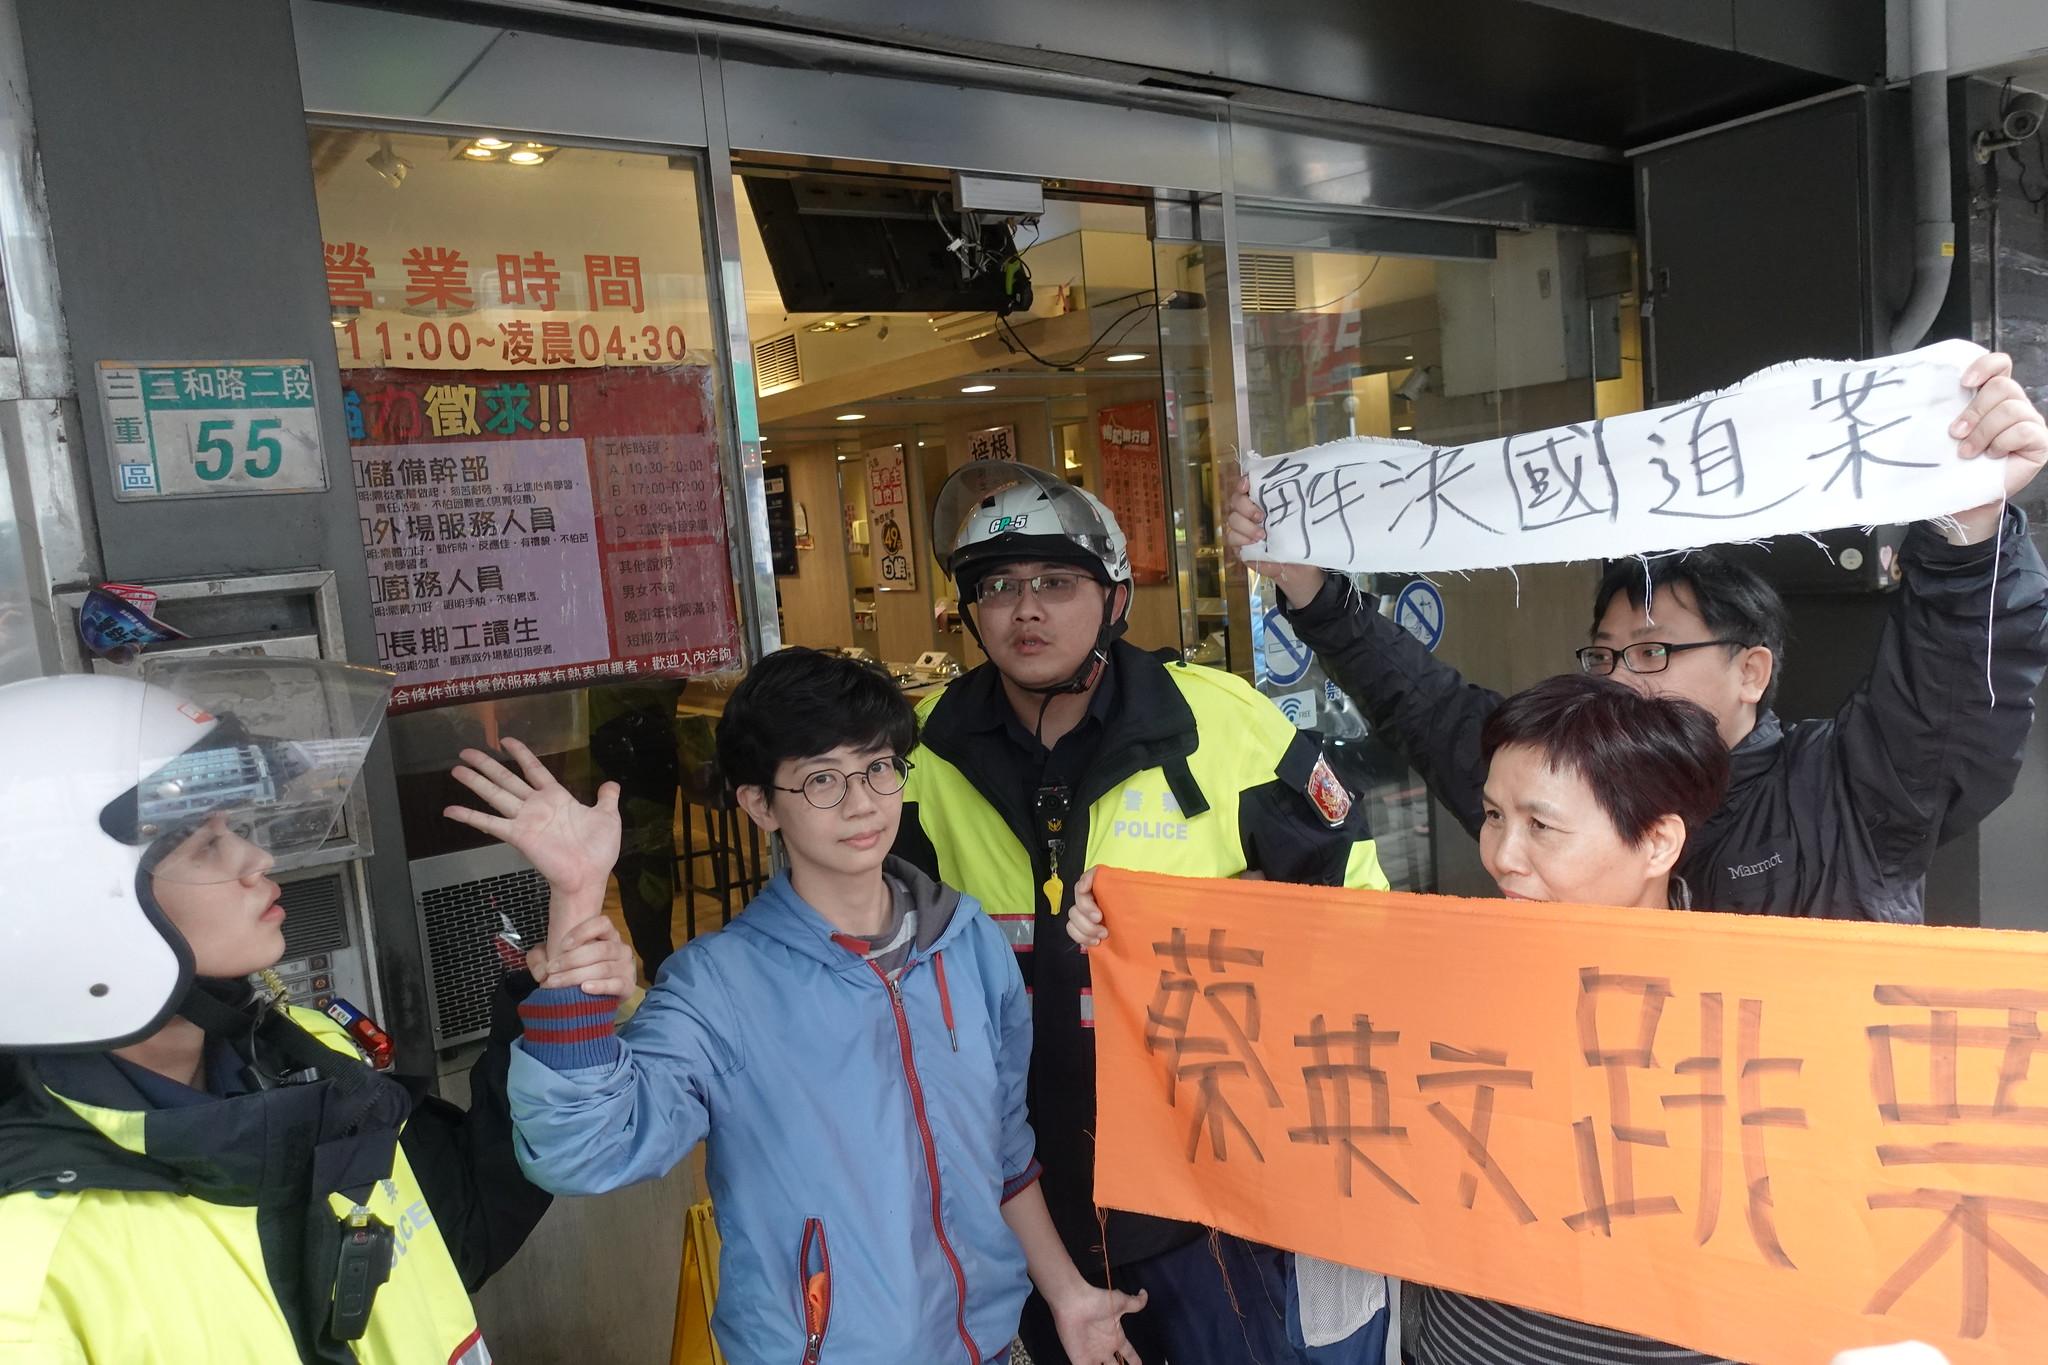 蔡英文車隊離去後,自救會成員仍遭到警方拘束行動。(攝影:張智琦)